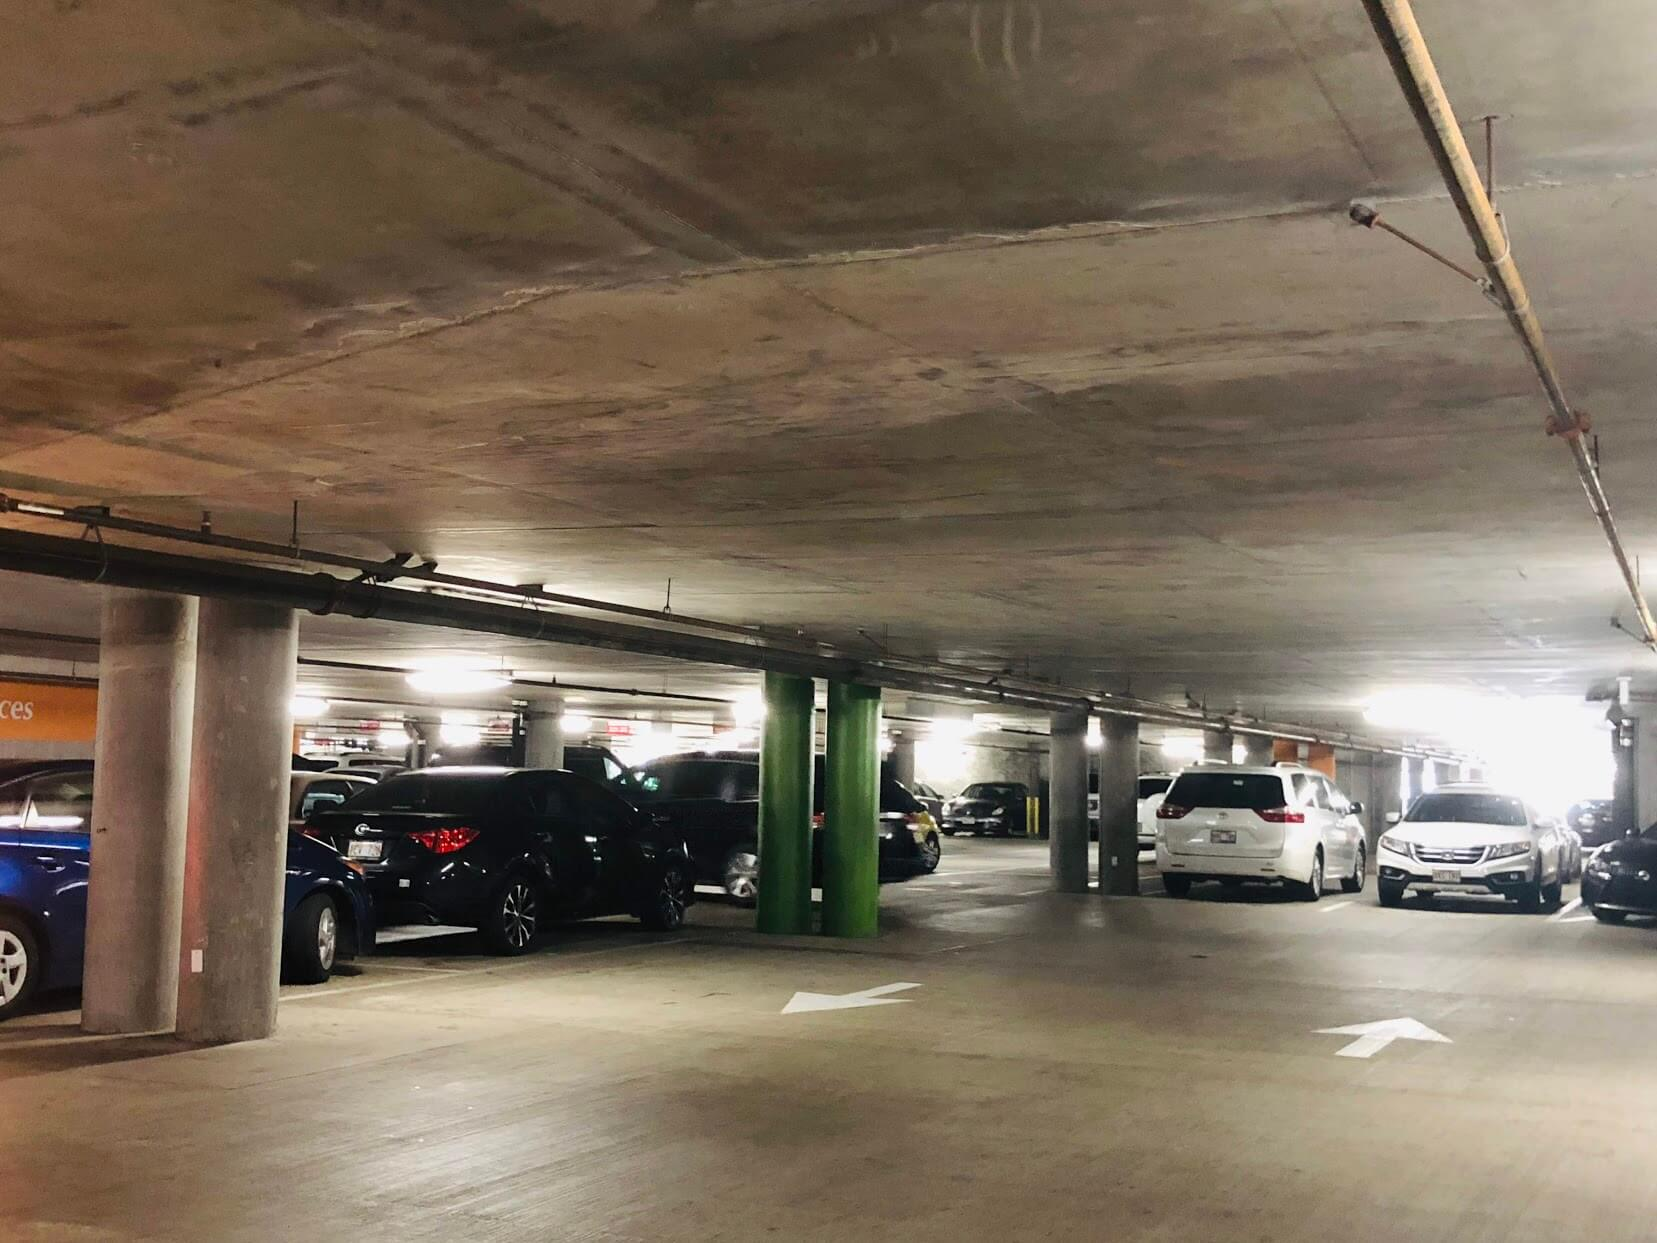 Hokuaの駐車場